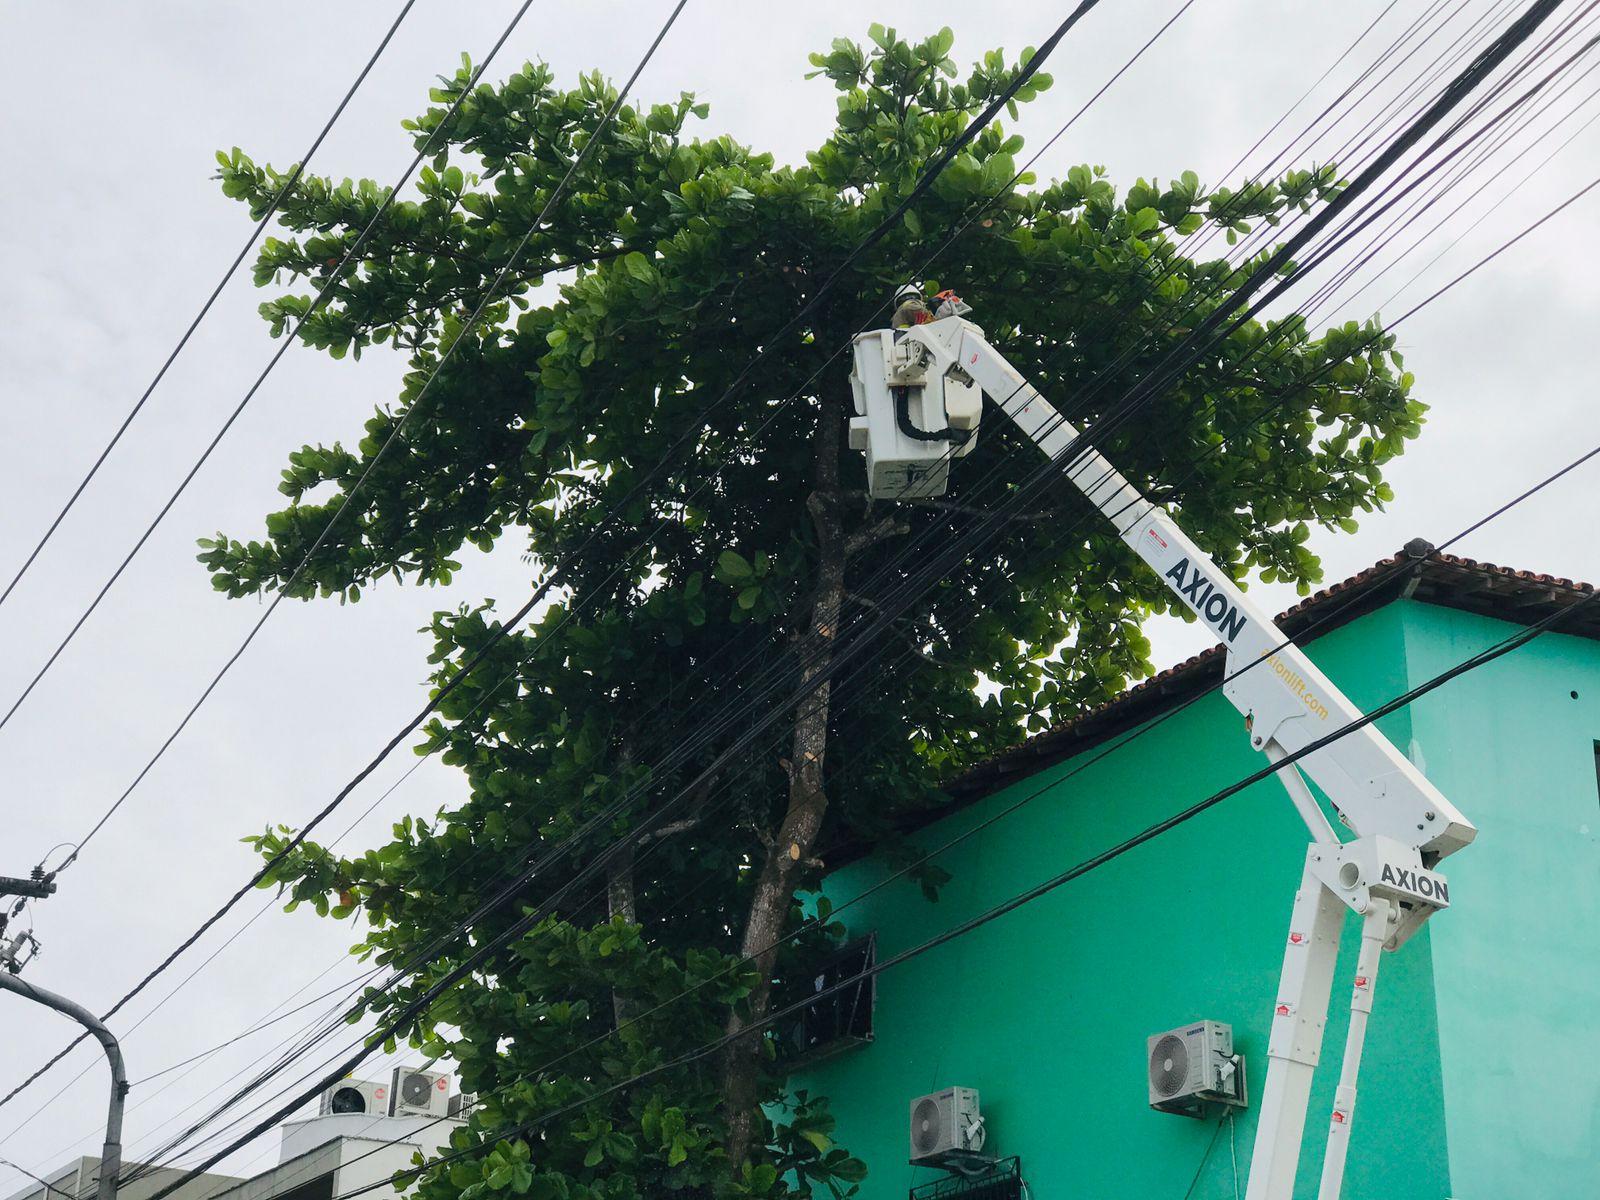 Prefeitura de Eunápolis remove árvore que oferecia risco à população 22